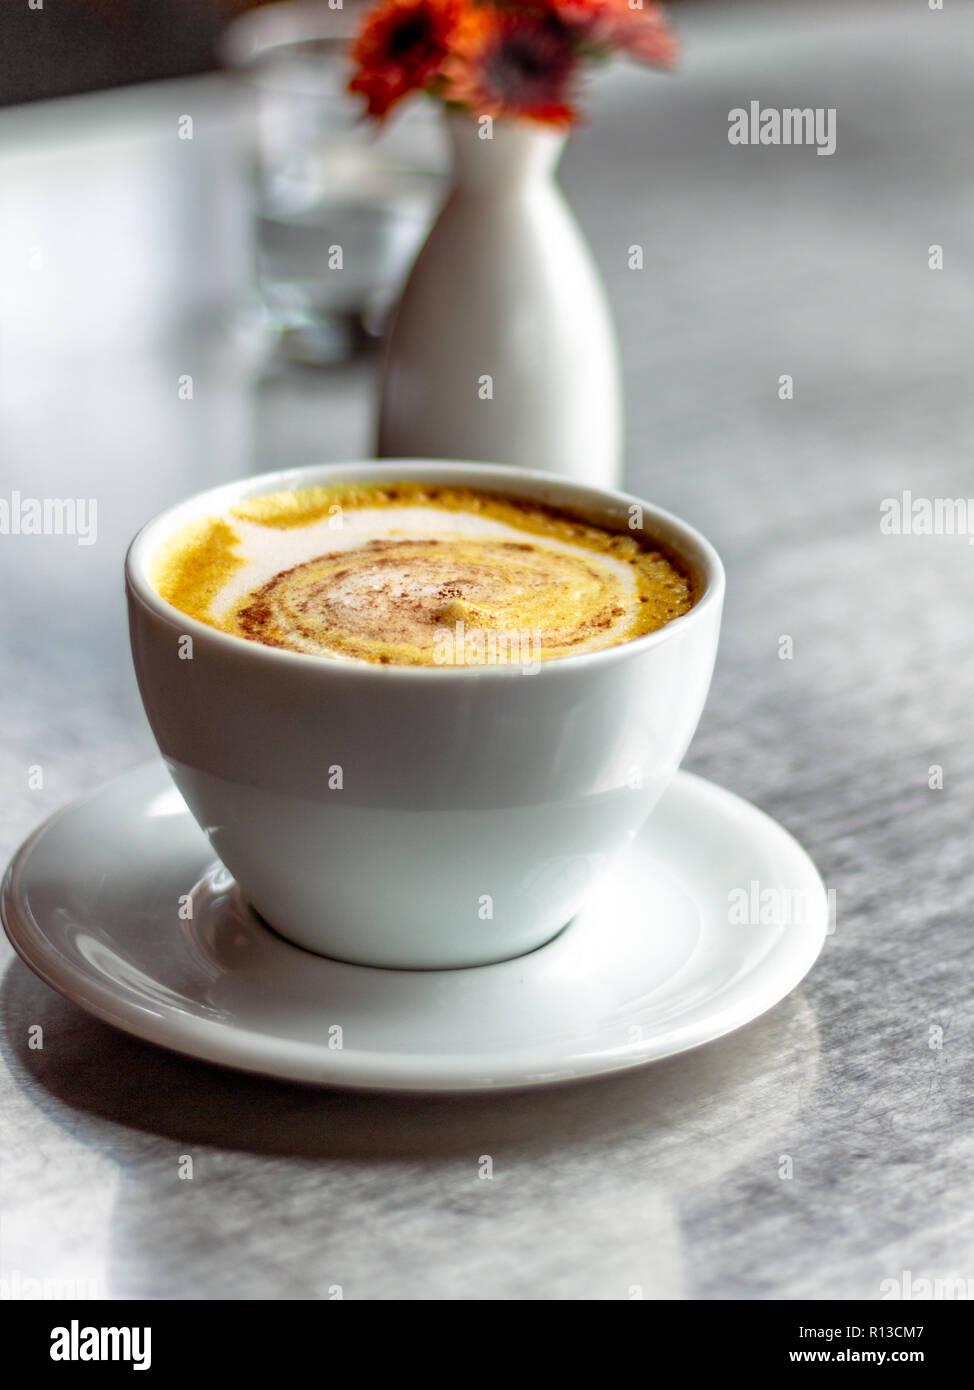 Casual Coffee Shop. Latte Art schäumenden Latte. Wasser Kanne in das klare Glas. orange Blumen in eine weiße, ovale weiße Vase. Stockbild